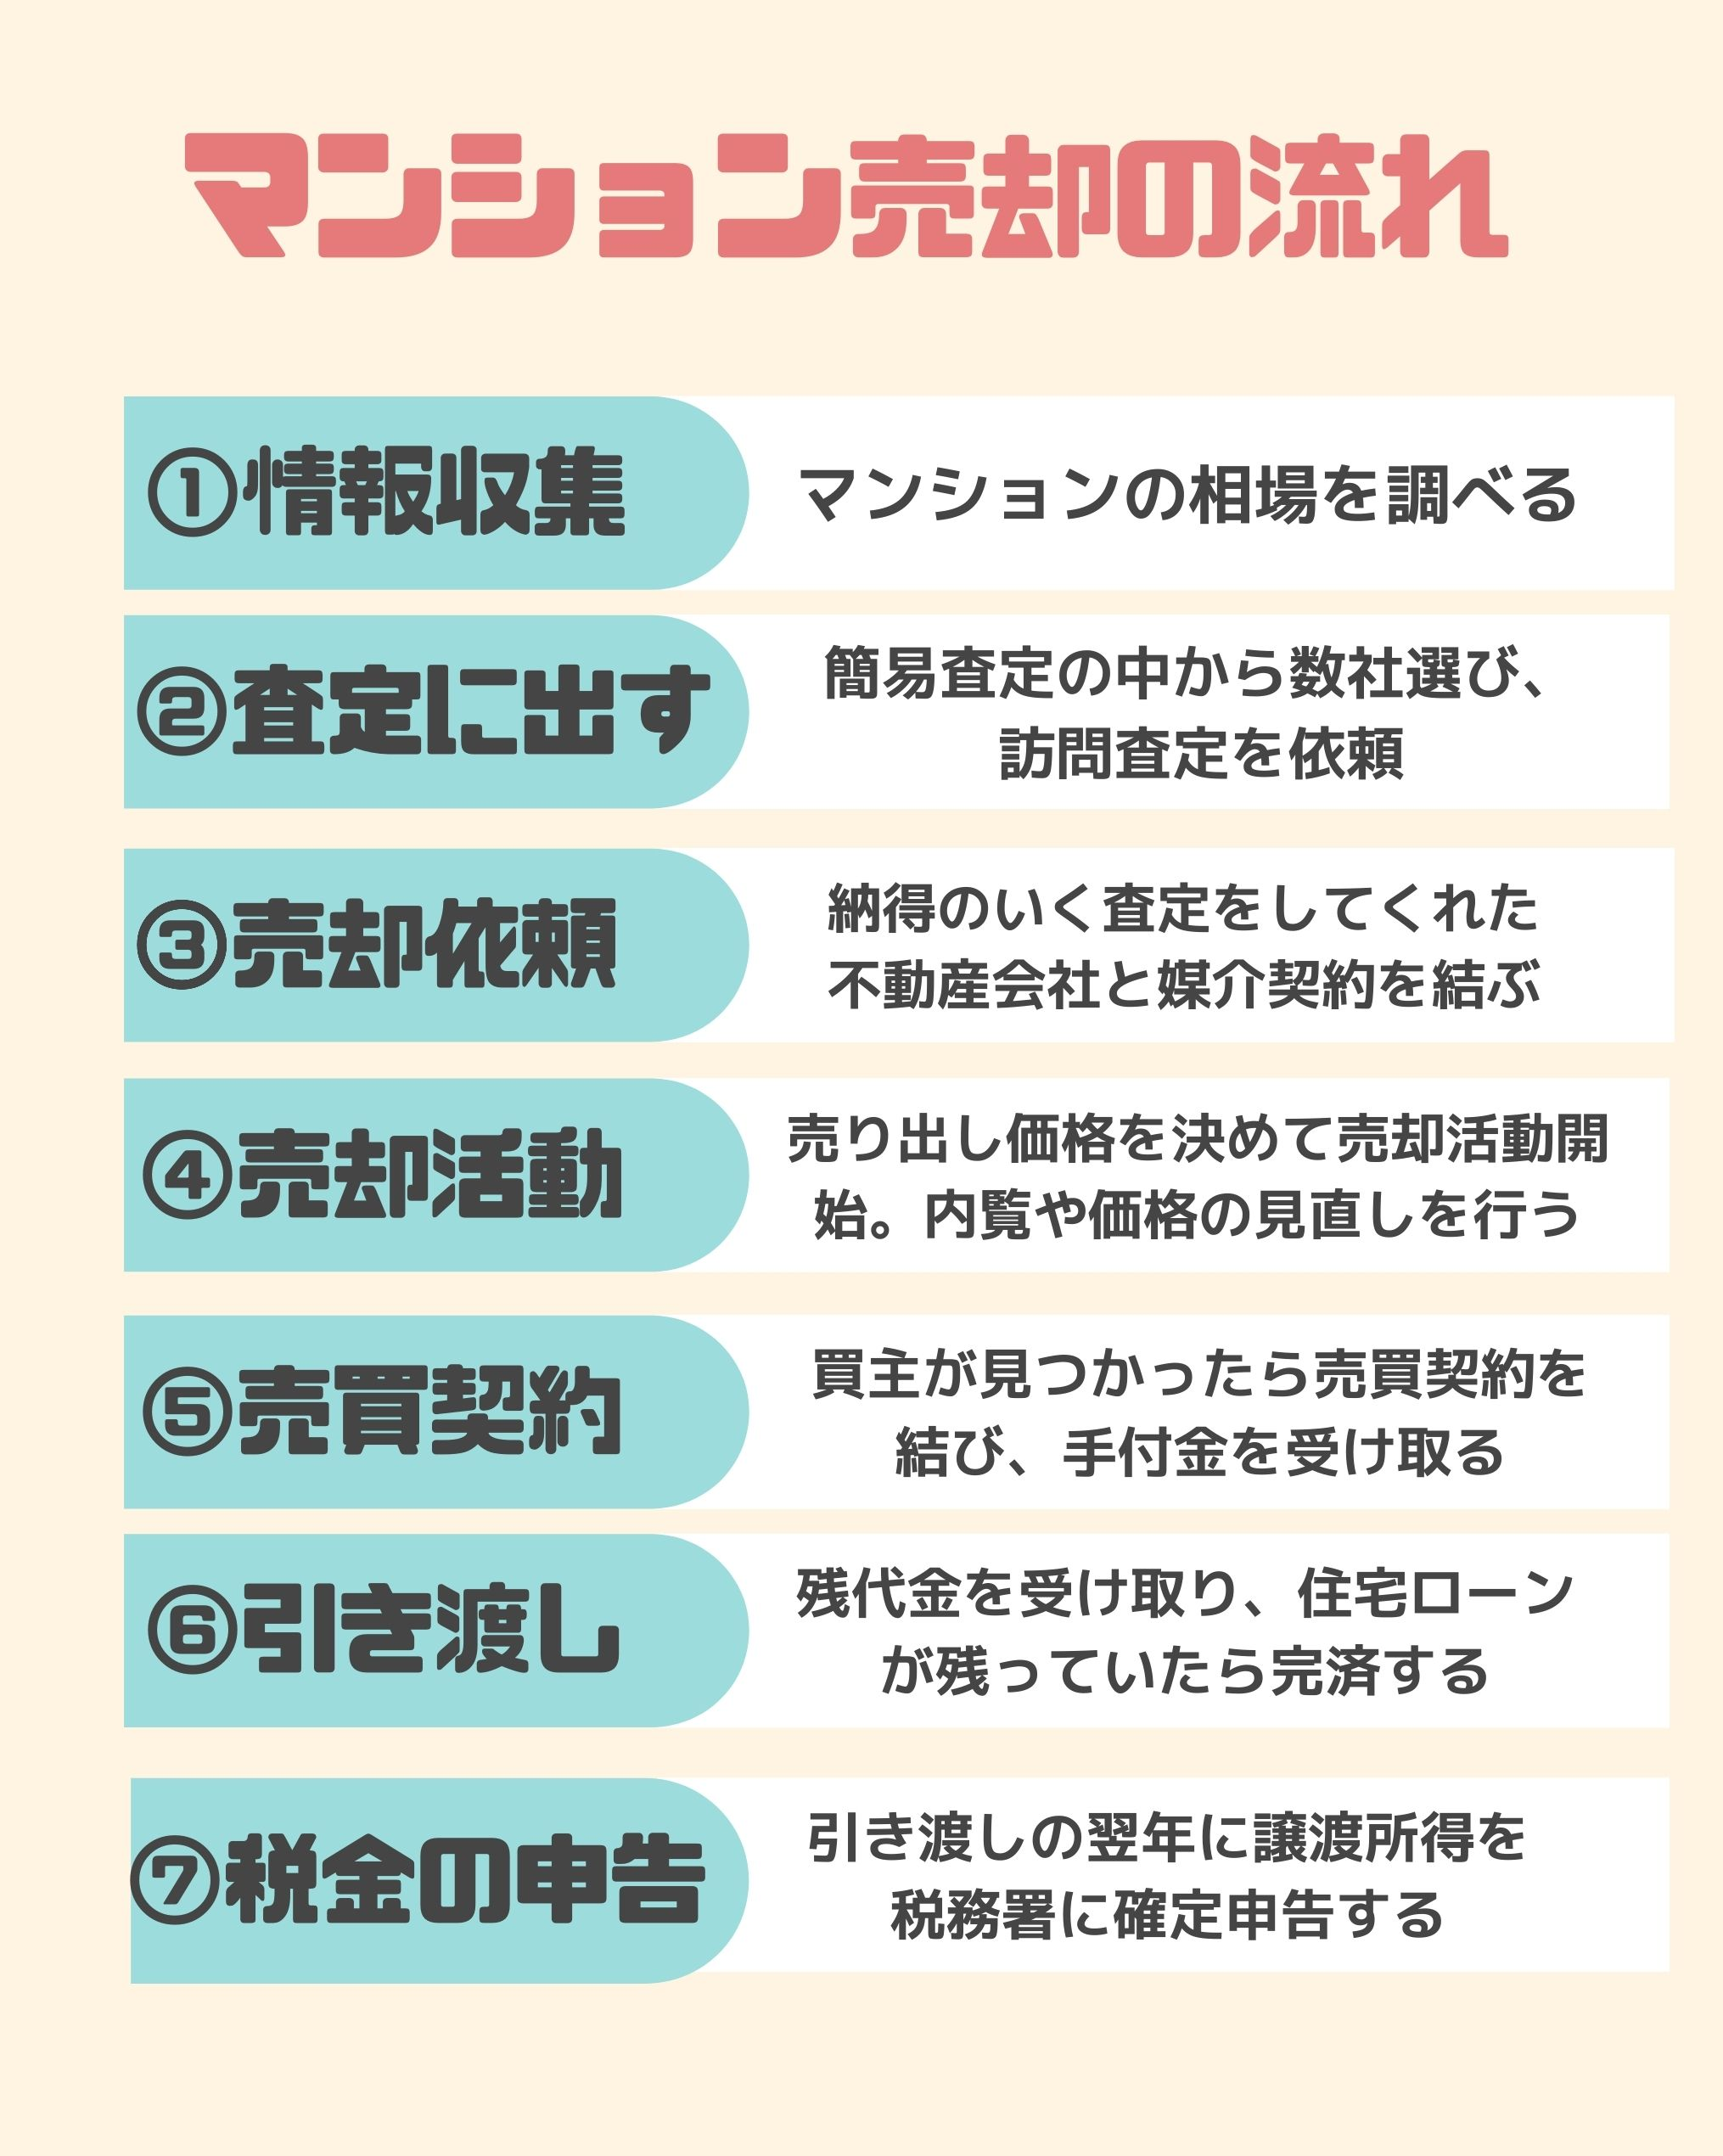 マンション_売却_流れ_表_1